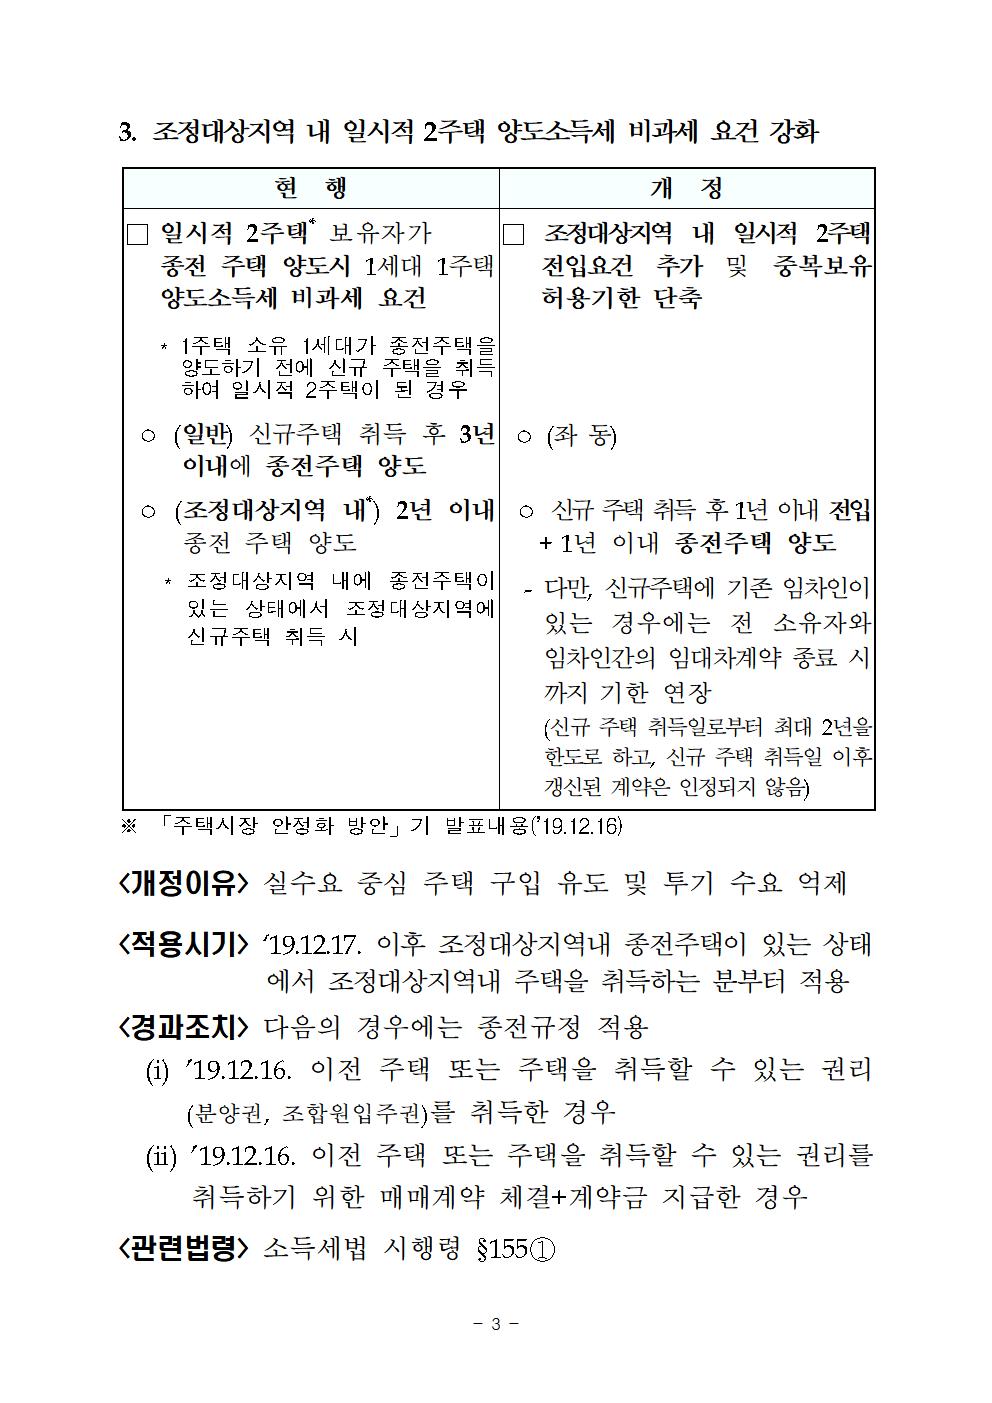 2019년세법개정내용(양도소득세분야)008.png